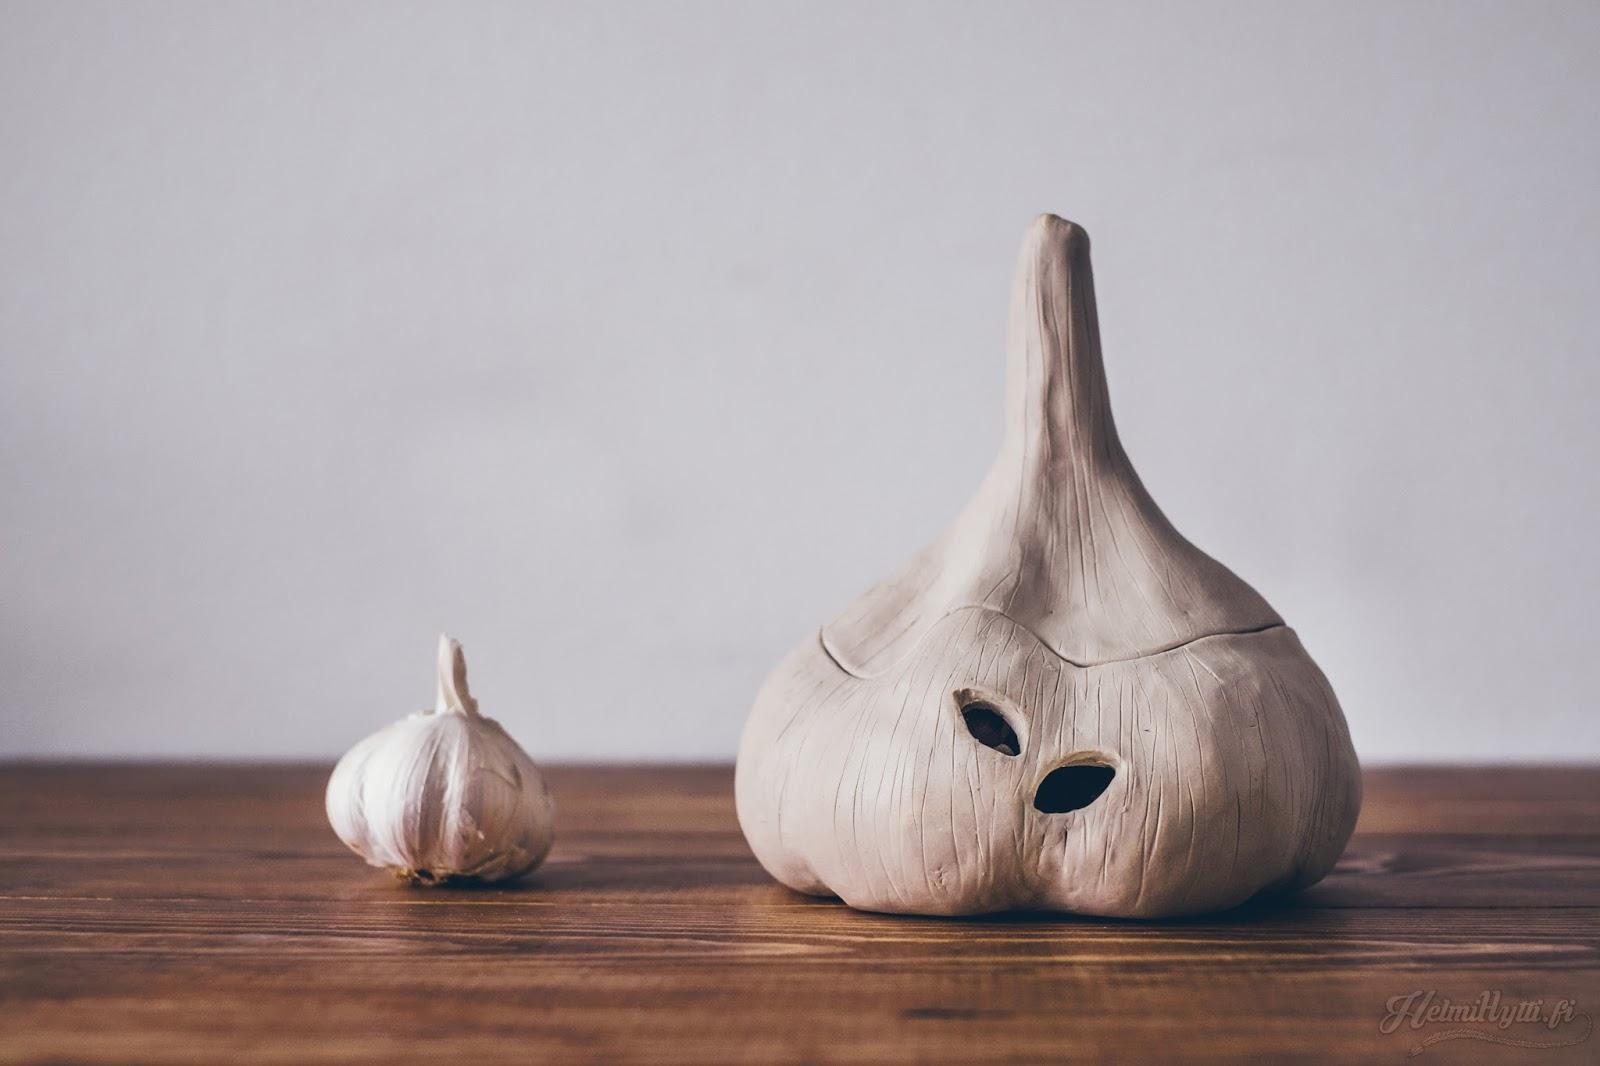 sisustus savityö keramiikka valkosipuli säilytys rasia diy valkosavi